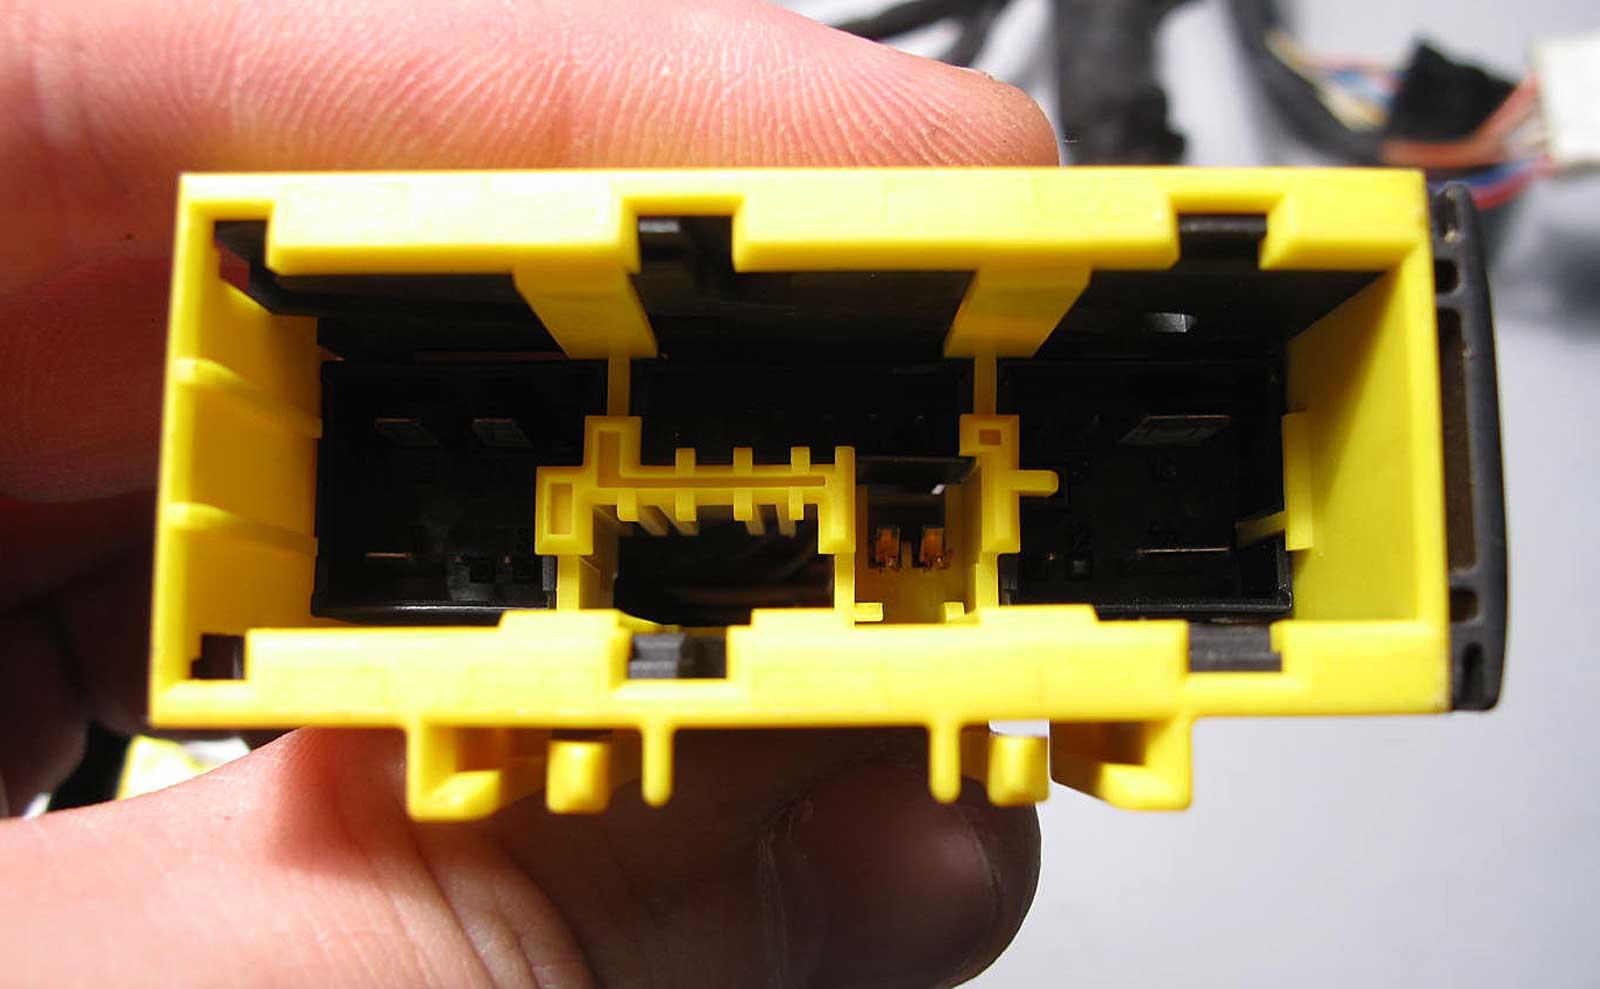 seat wiring diagram bmw m5 imgurl